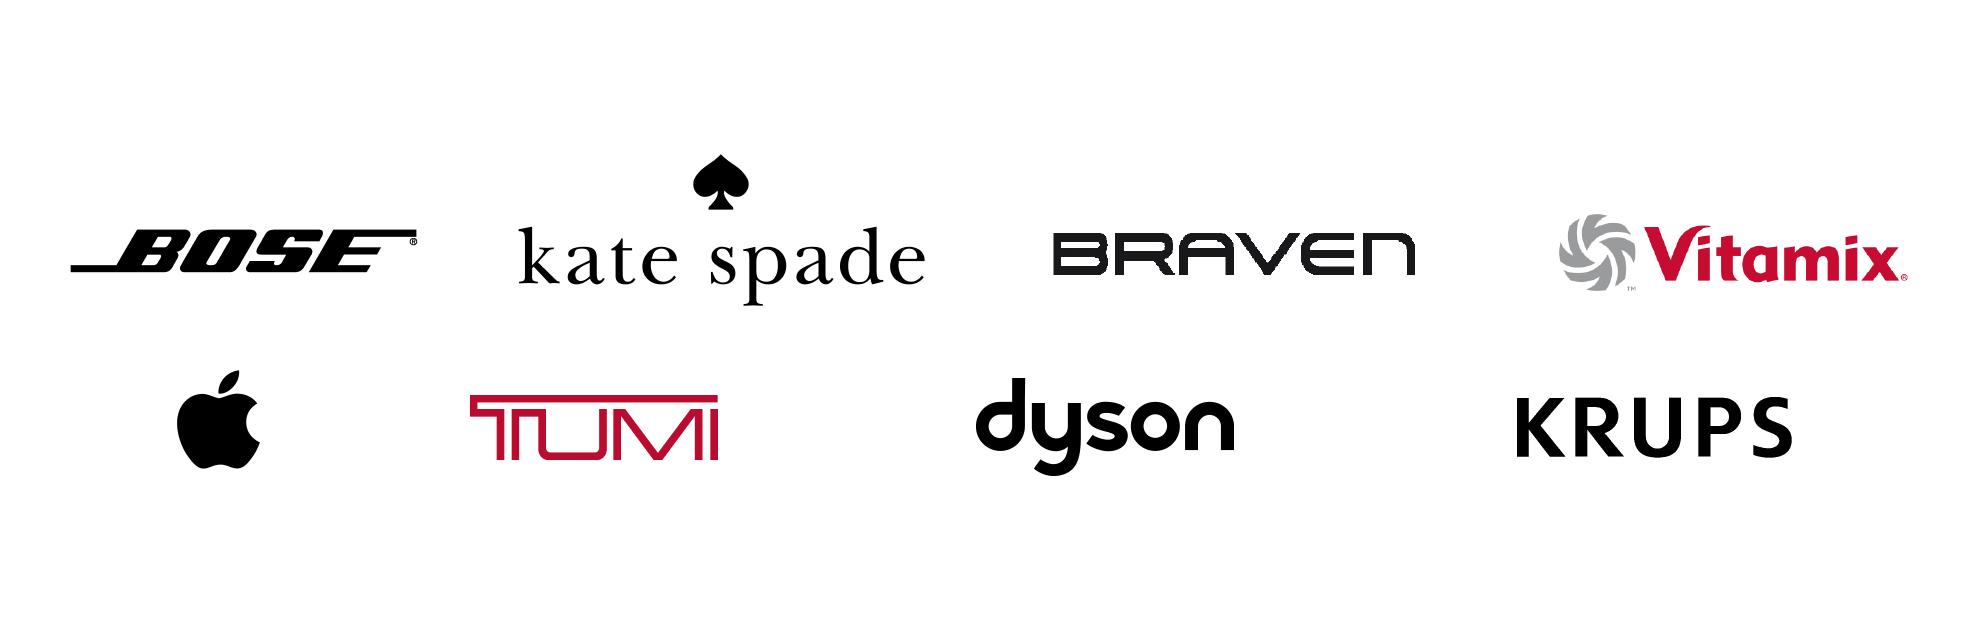 Catalog Brands